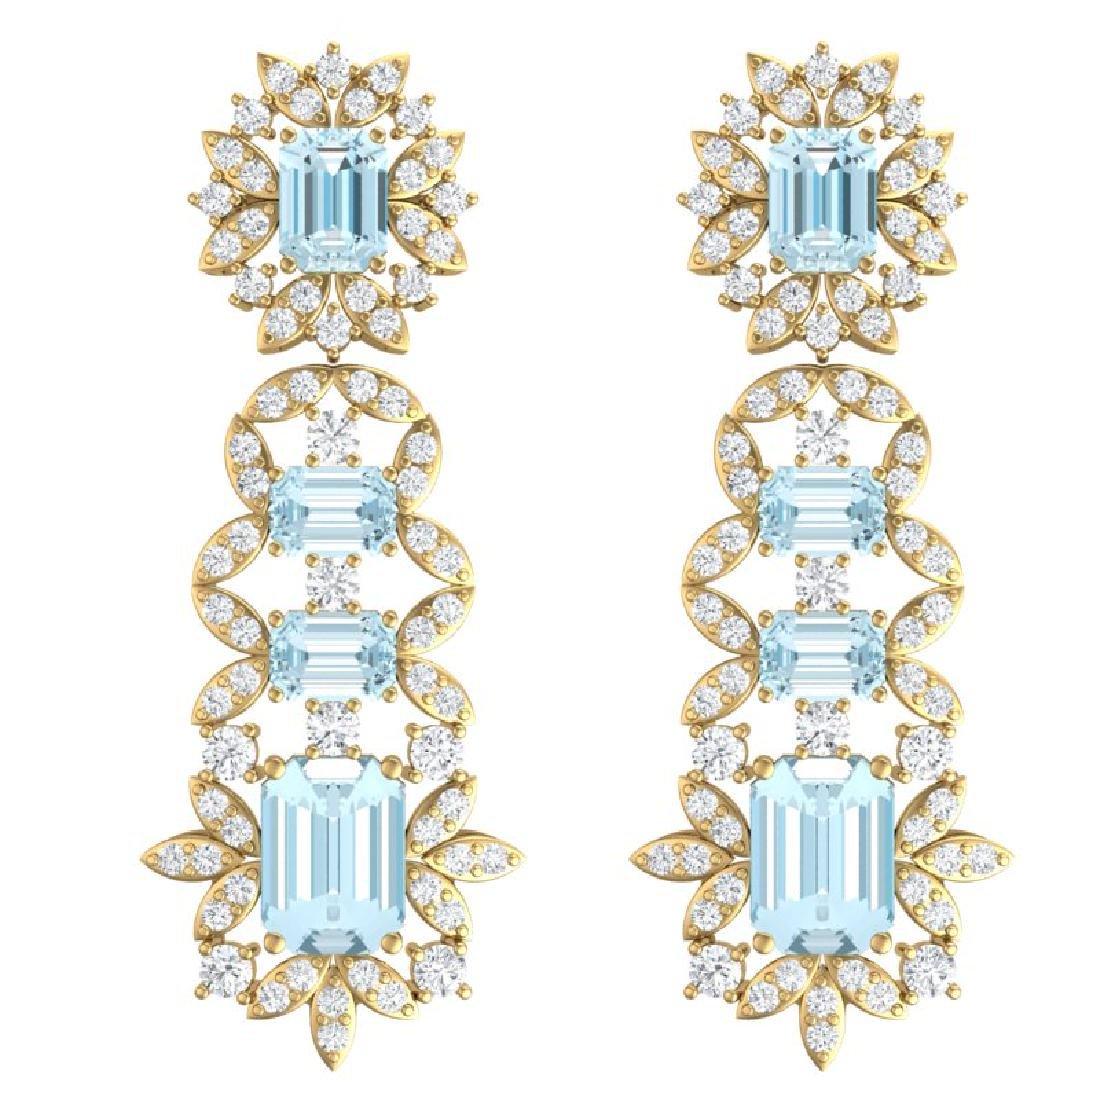 33.36 CTW Royalty Sky Topaz & VS Diamond Earrings 18K